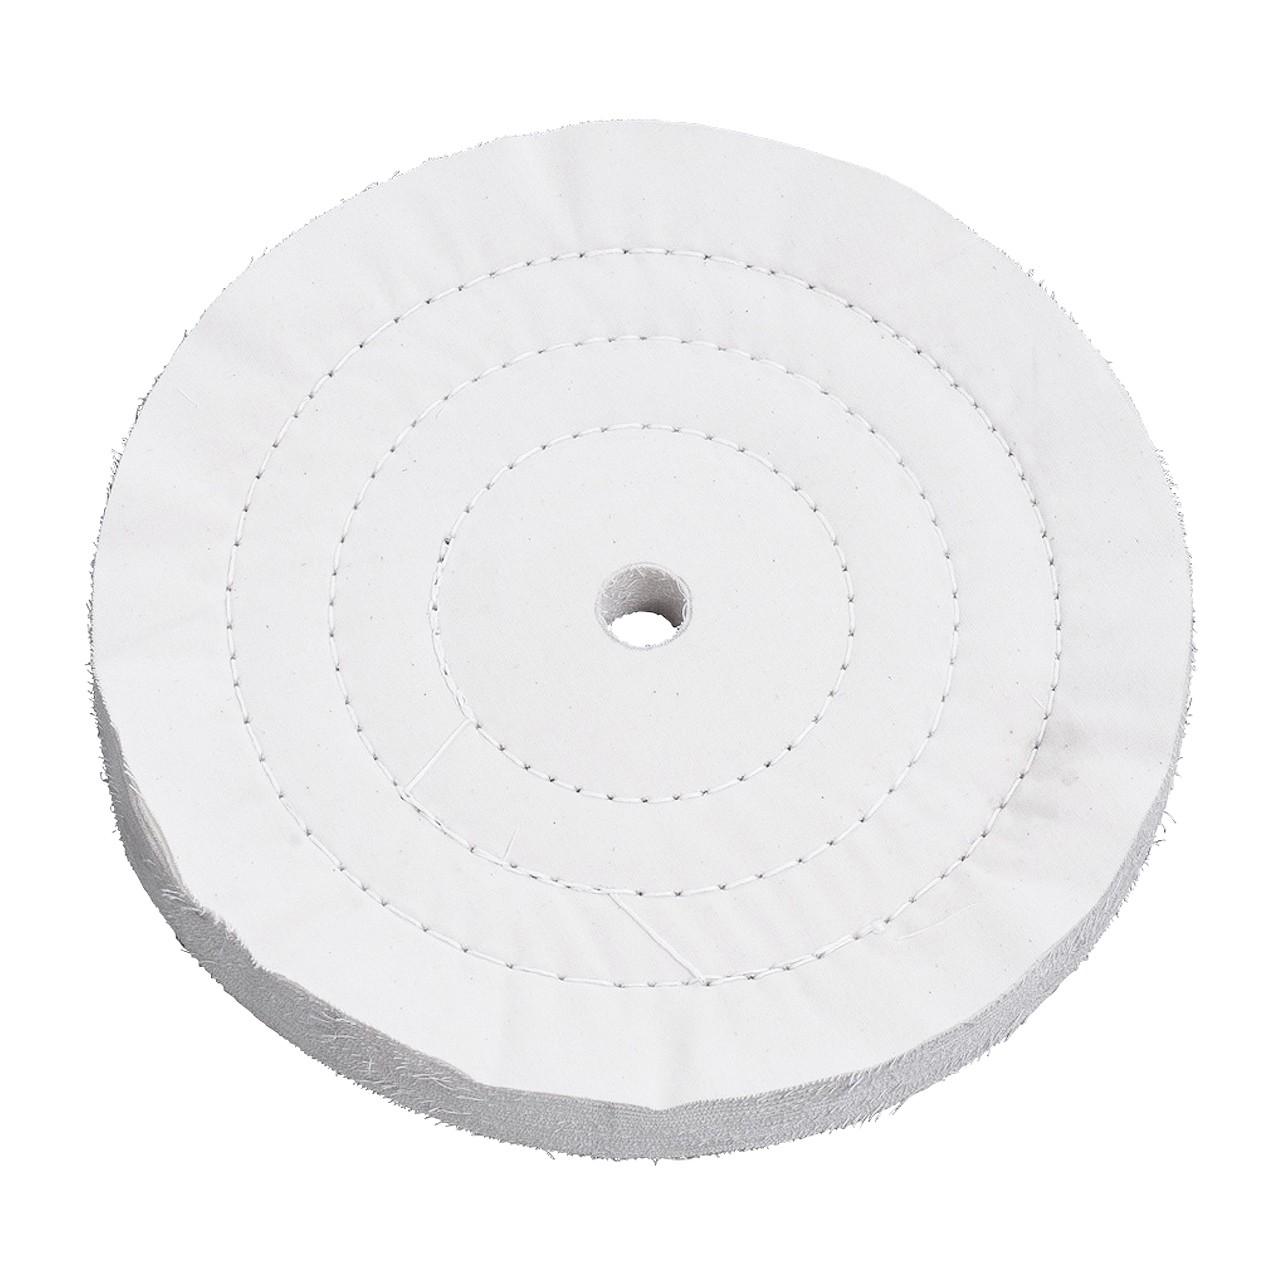 Tarcza polerska sizalowa pokrzywowa Ø 200 x 20 mm, Ø 16 mm BERNARDO